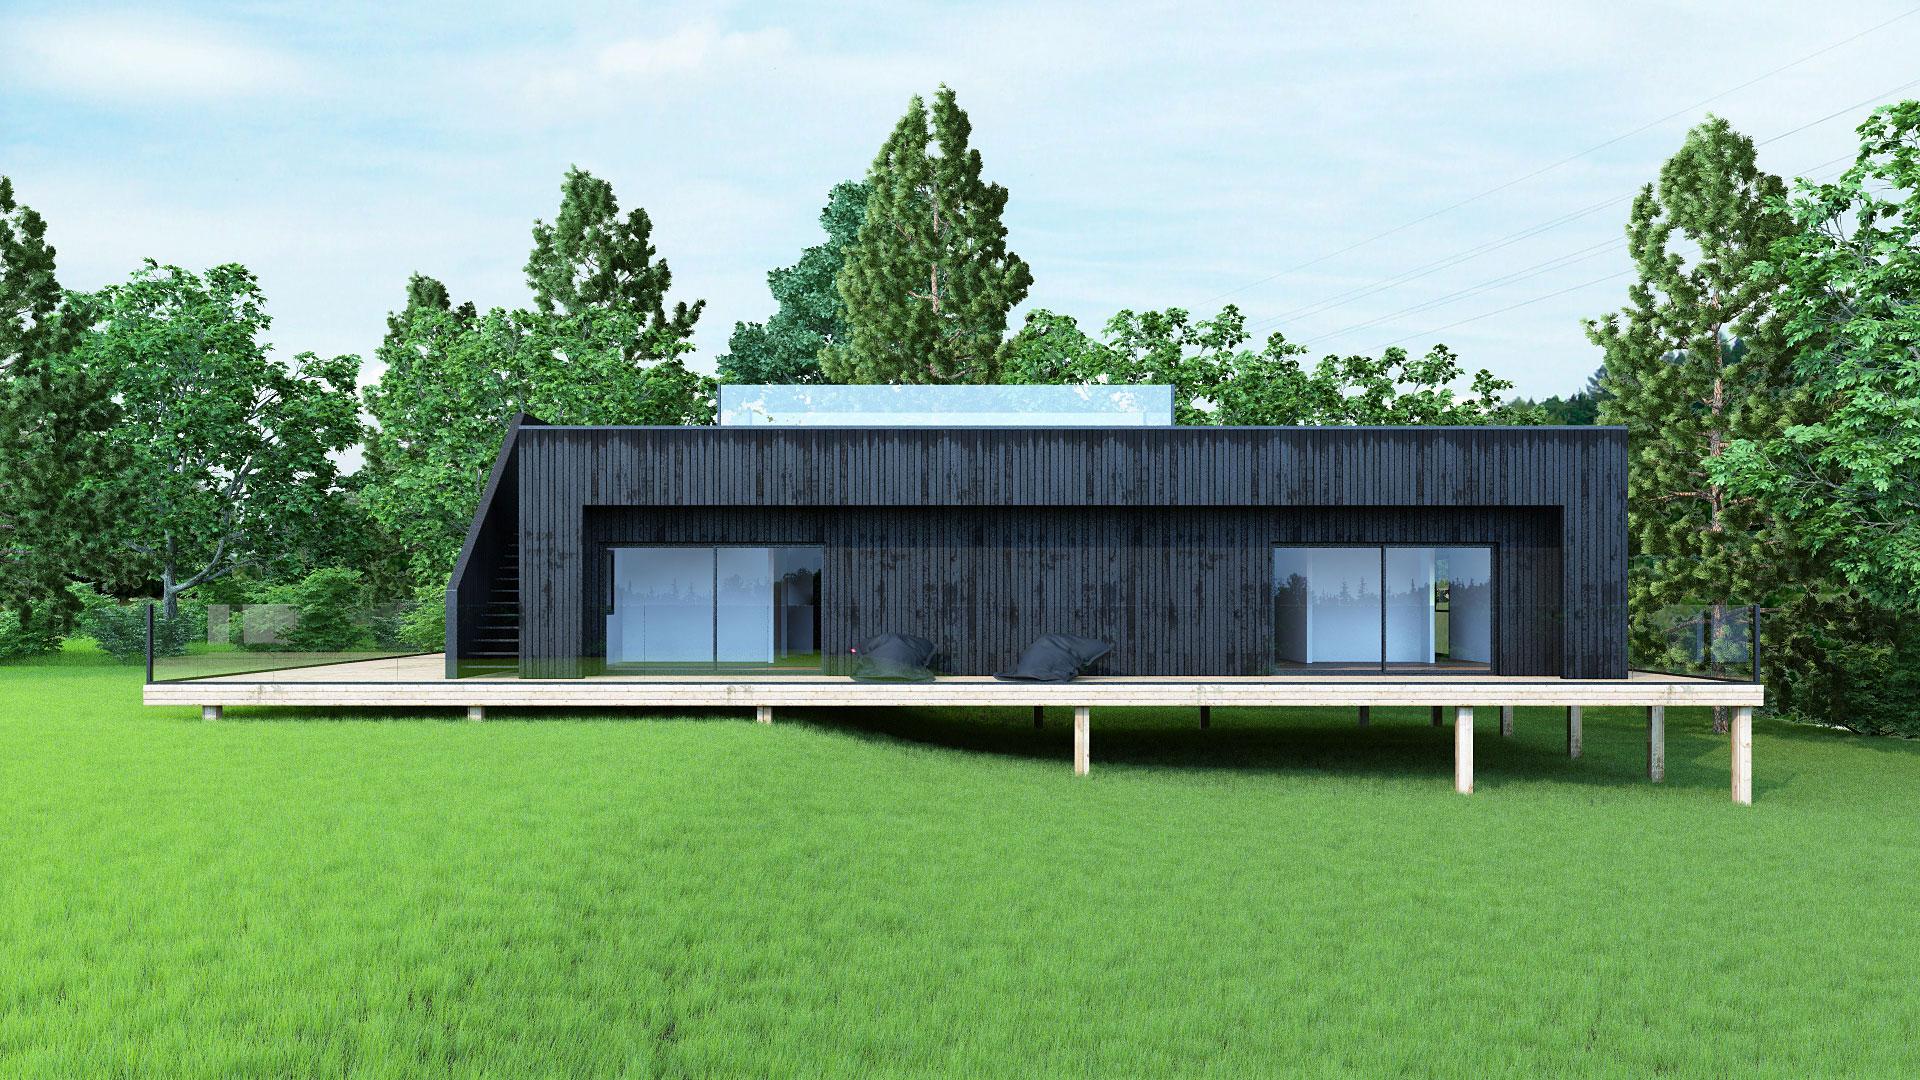 maison bois, next house, maison next house, next house house, autograss, insertion dans le site, permis de construire, image 3d architecture, maison contemporaine